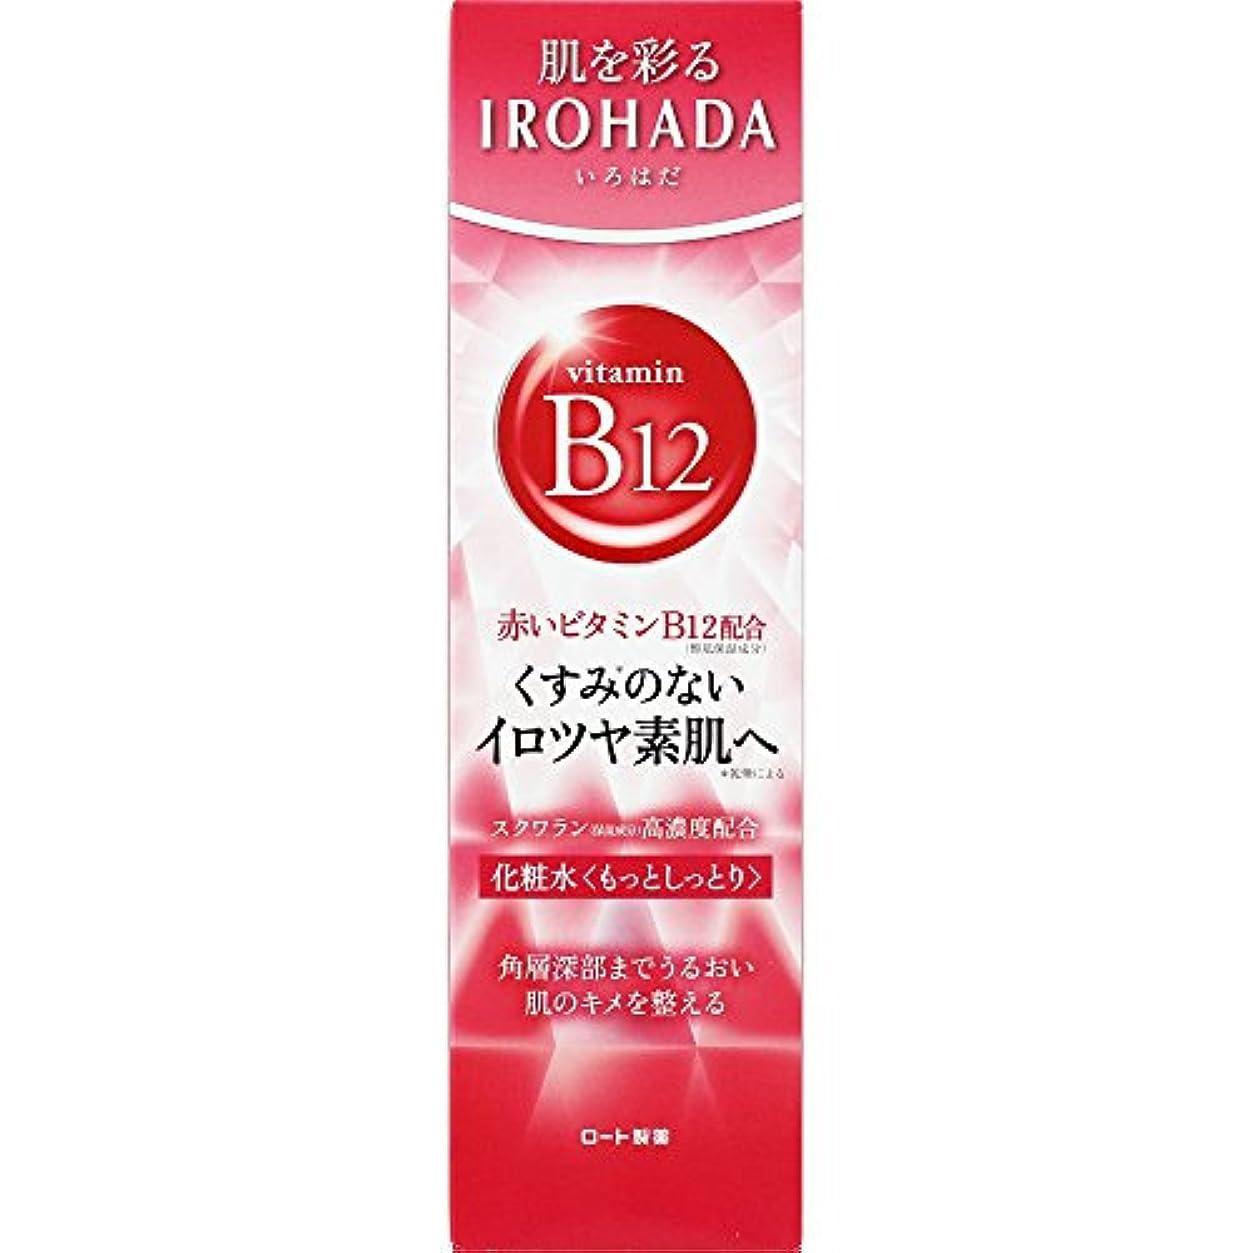 訪問インタビューイルロート製薬 いろはだ (IROHADA) 赤いビタミンB12×スクワラン配合 化粧水もっとしっとり 160ml